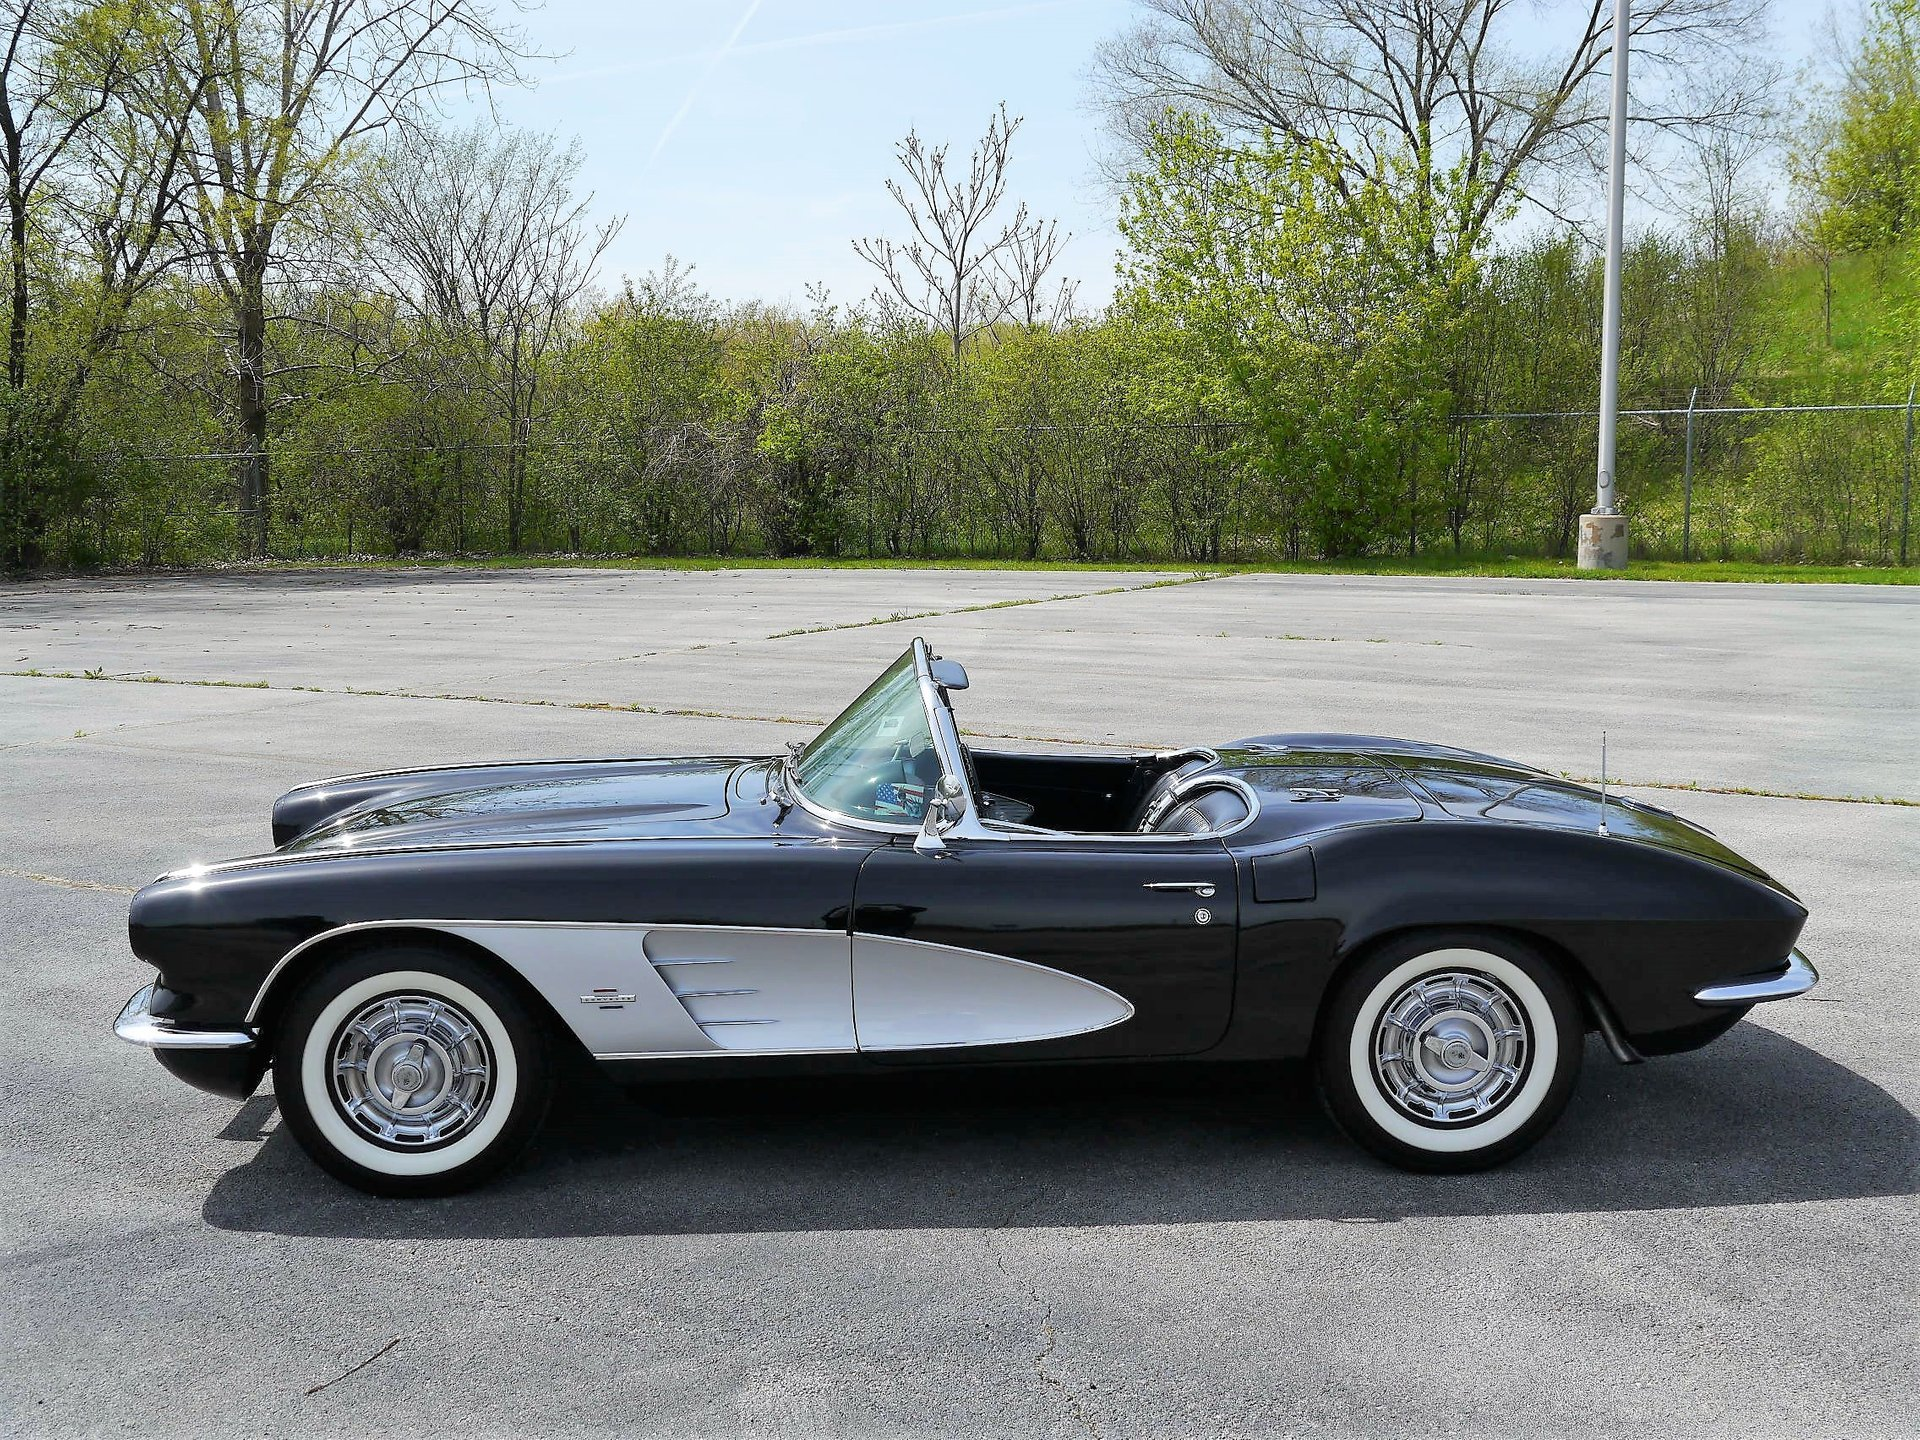 Kelebihan Kekurangan Corvette 1961 Tangguh